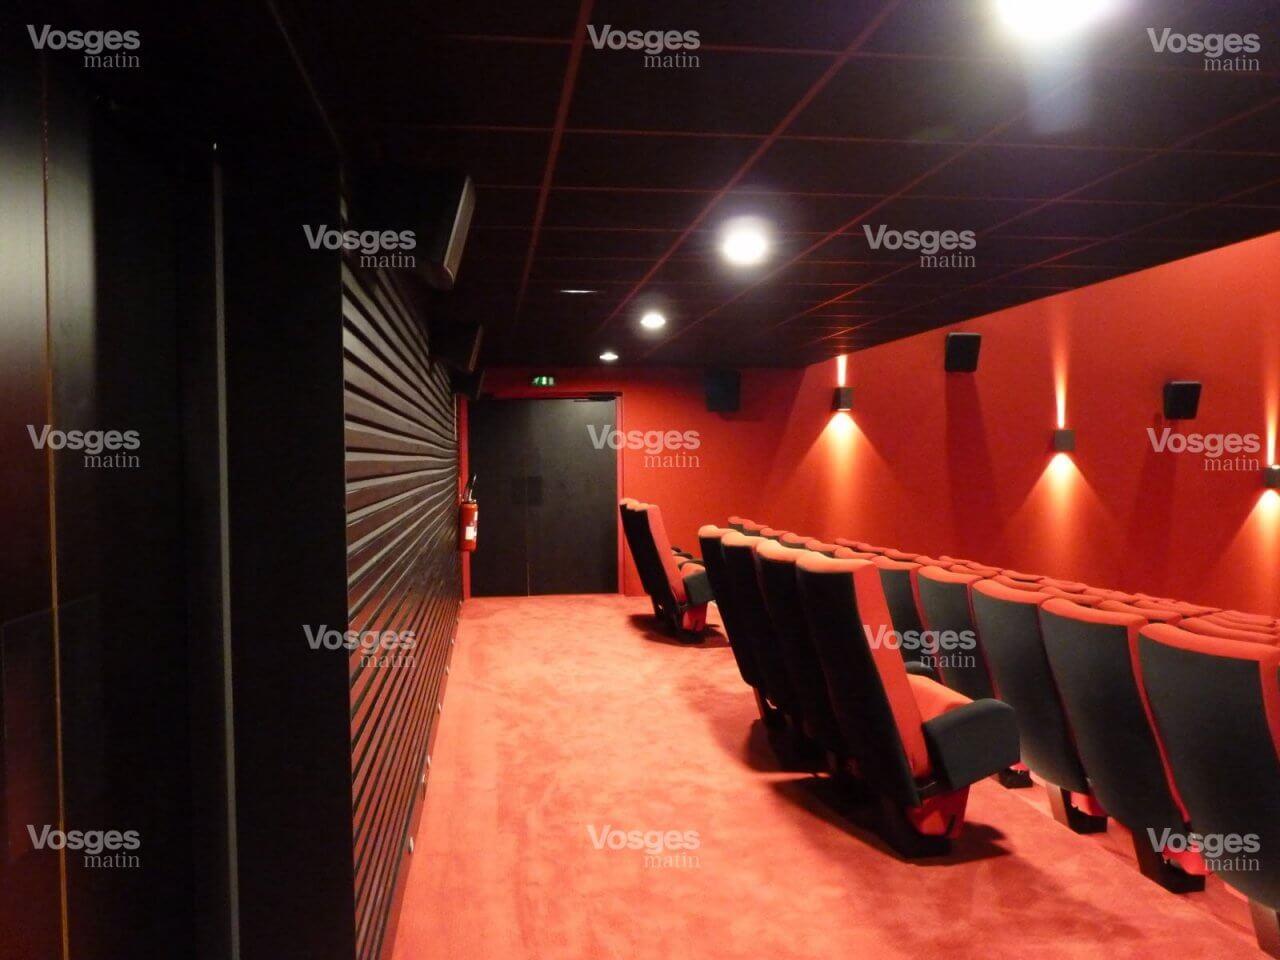 Kleslo - fauteuil Inertie - Leader de fabrication de fauteuils cinéma, théâtre ...neopolis v2